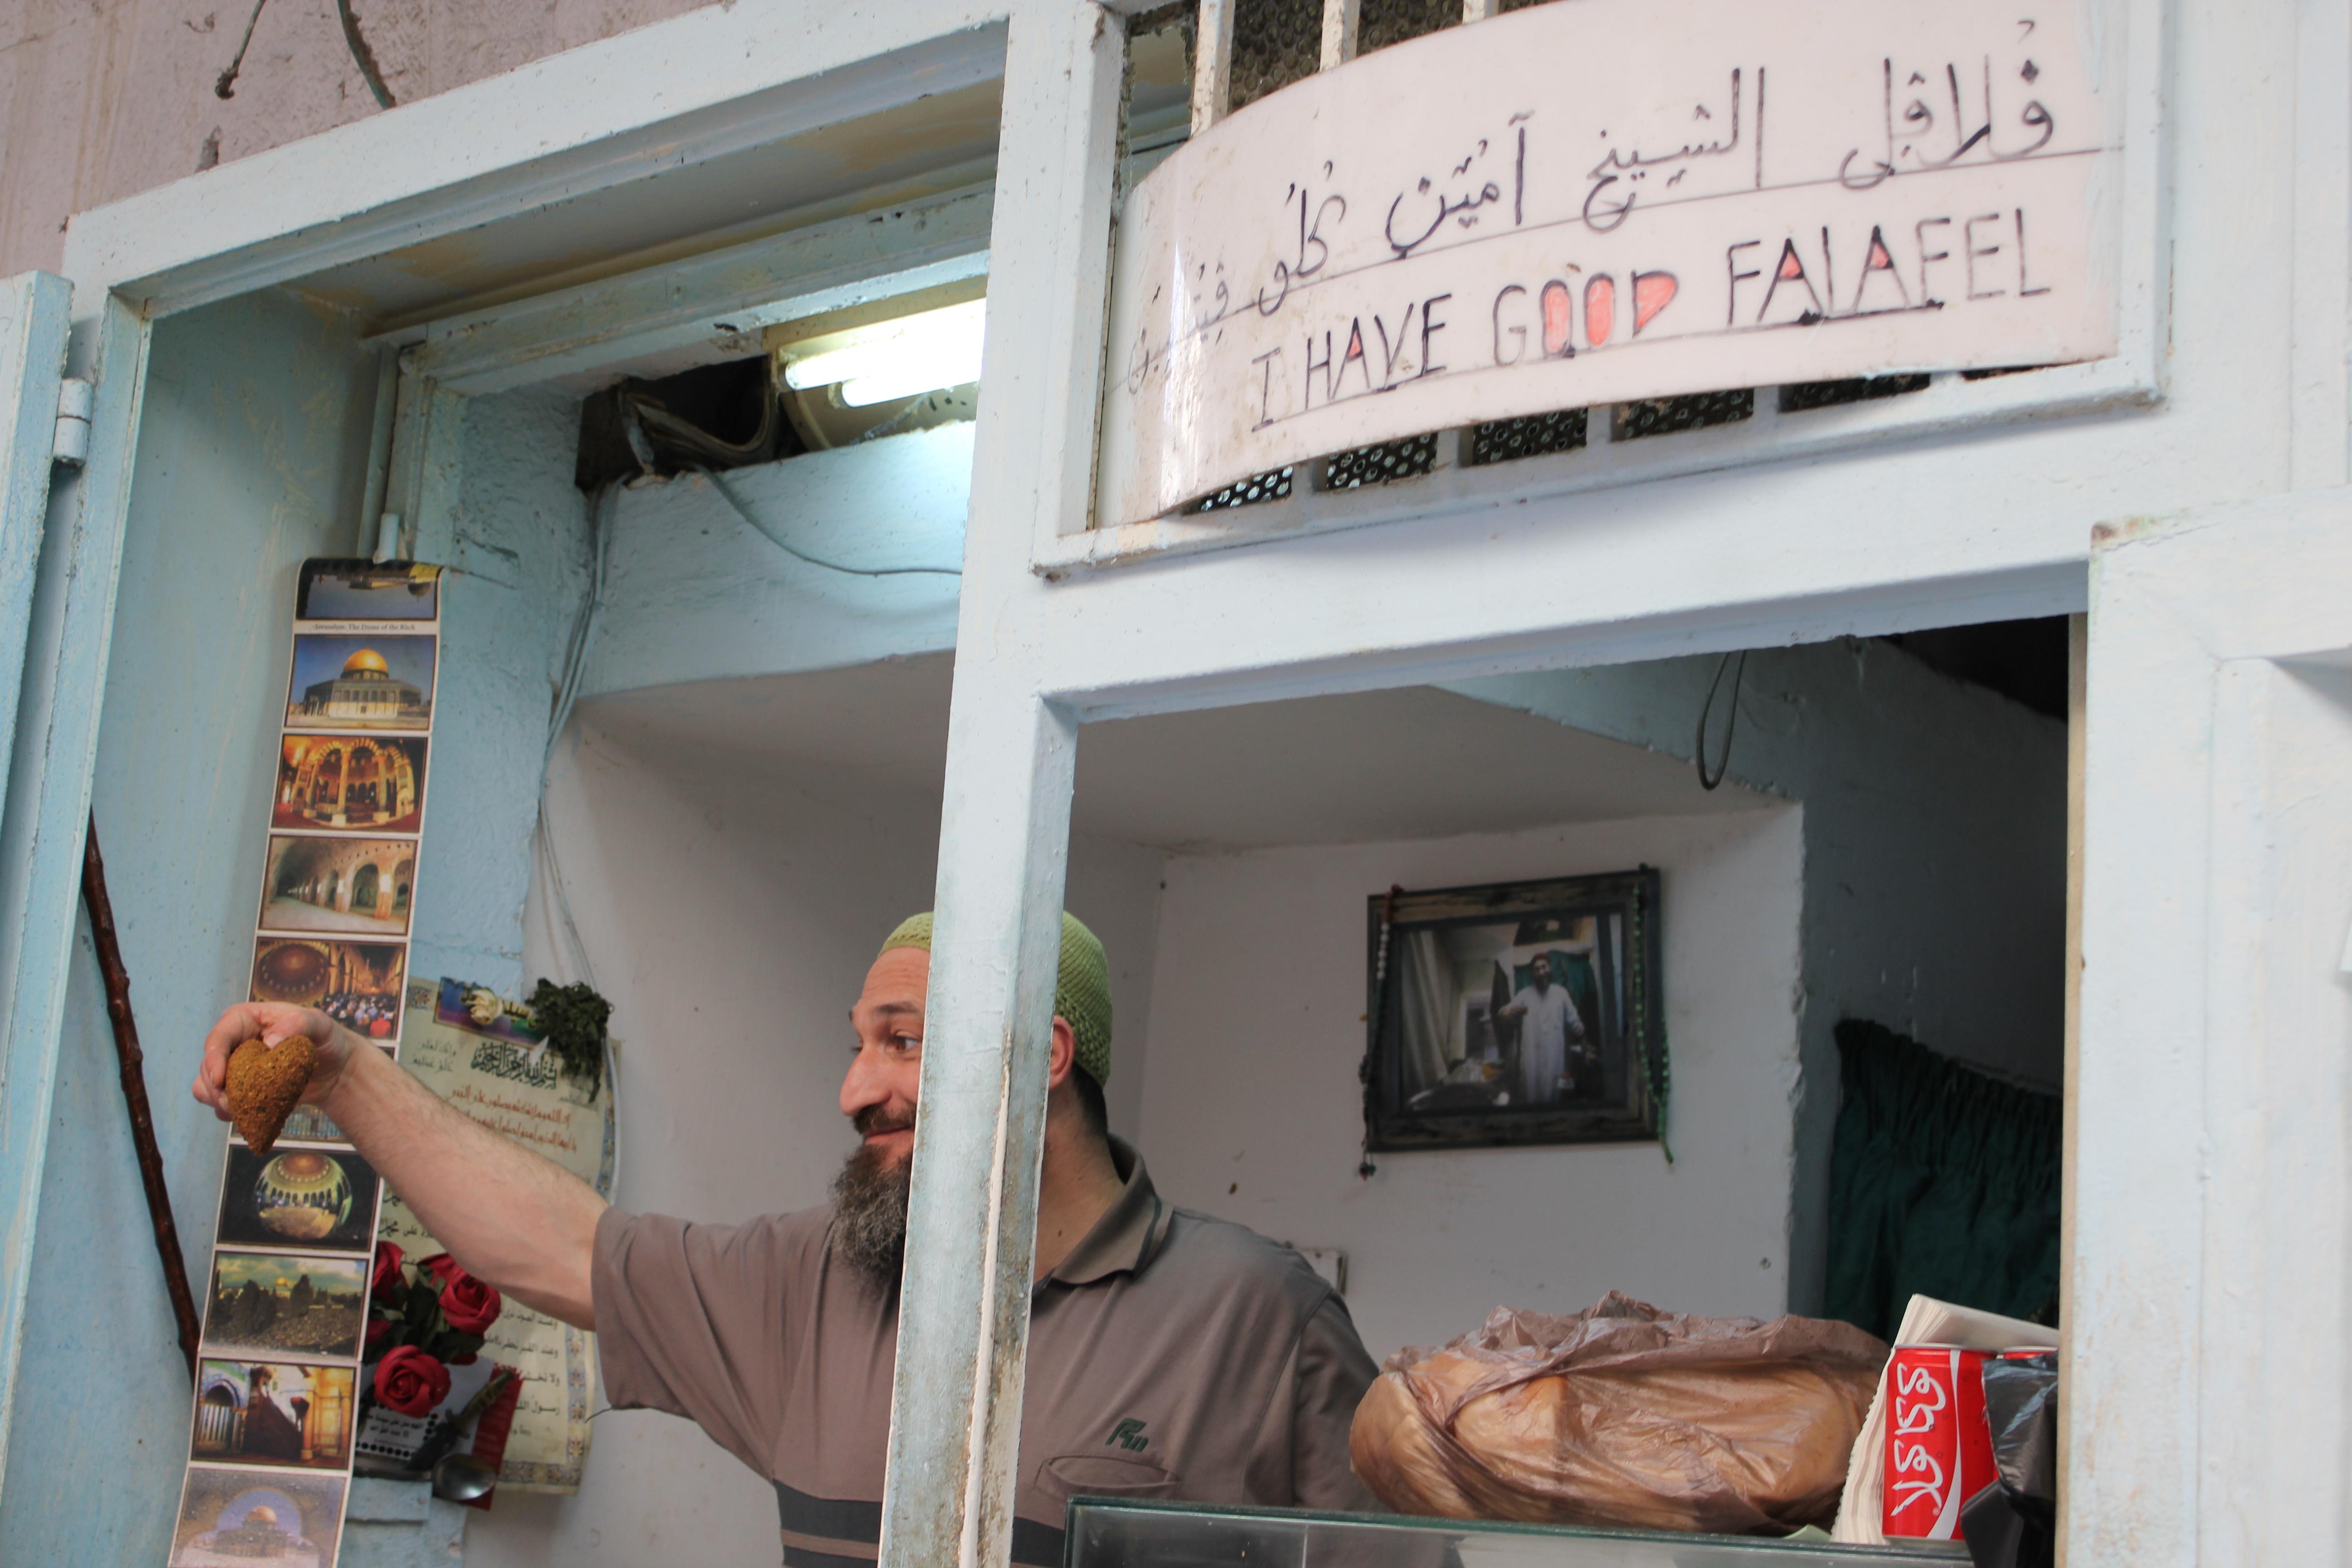 I have good falafel www.thesweetwanderlust.com